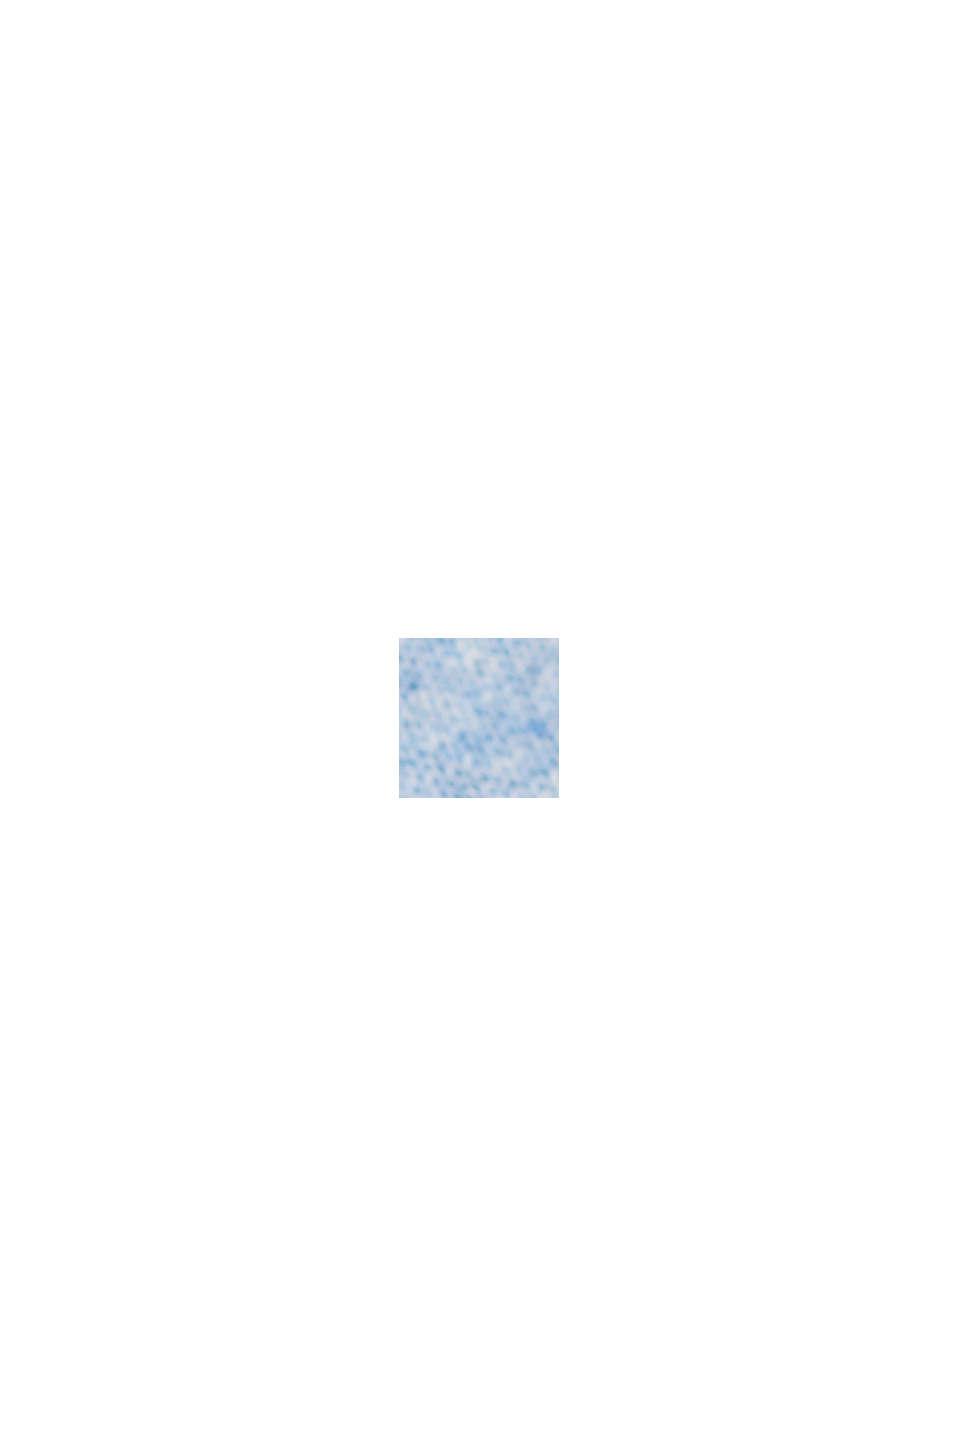 Haut en jersey doté d'une poche, coton biologique, PASTEL BLUE, swatch